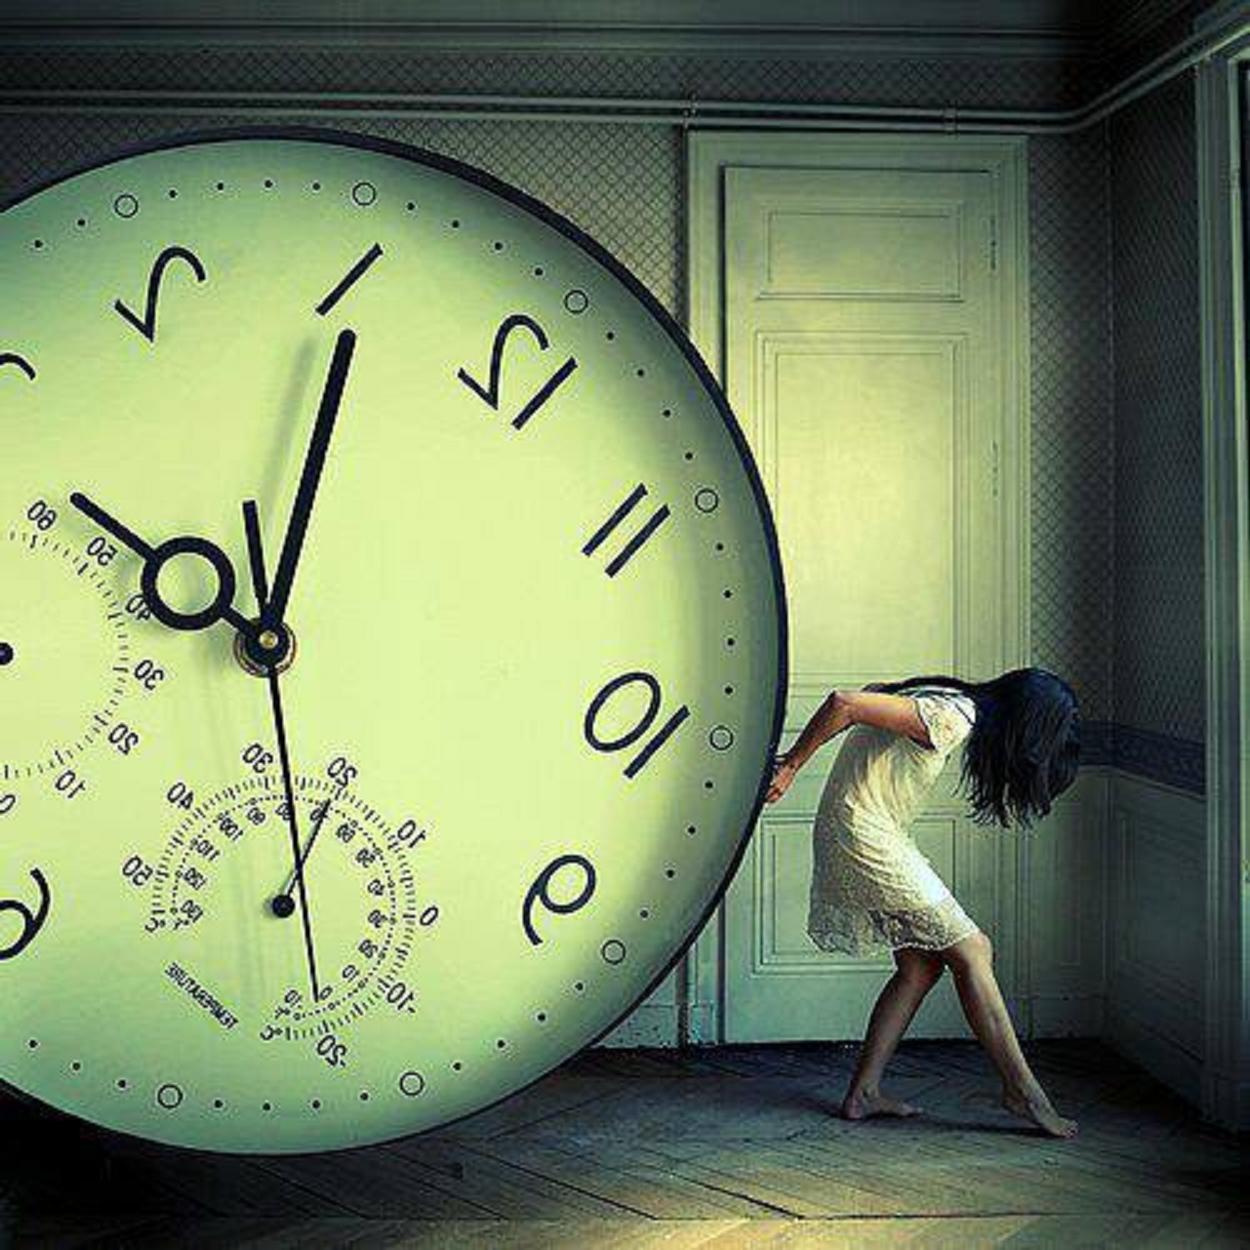 «Μὴν περιμένεις τὴν τέλεια στιγμή...»